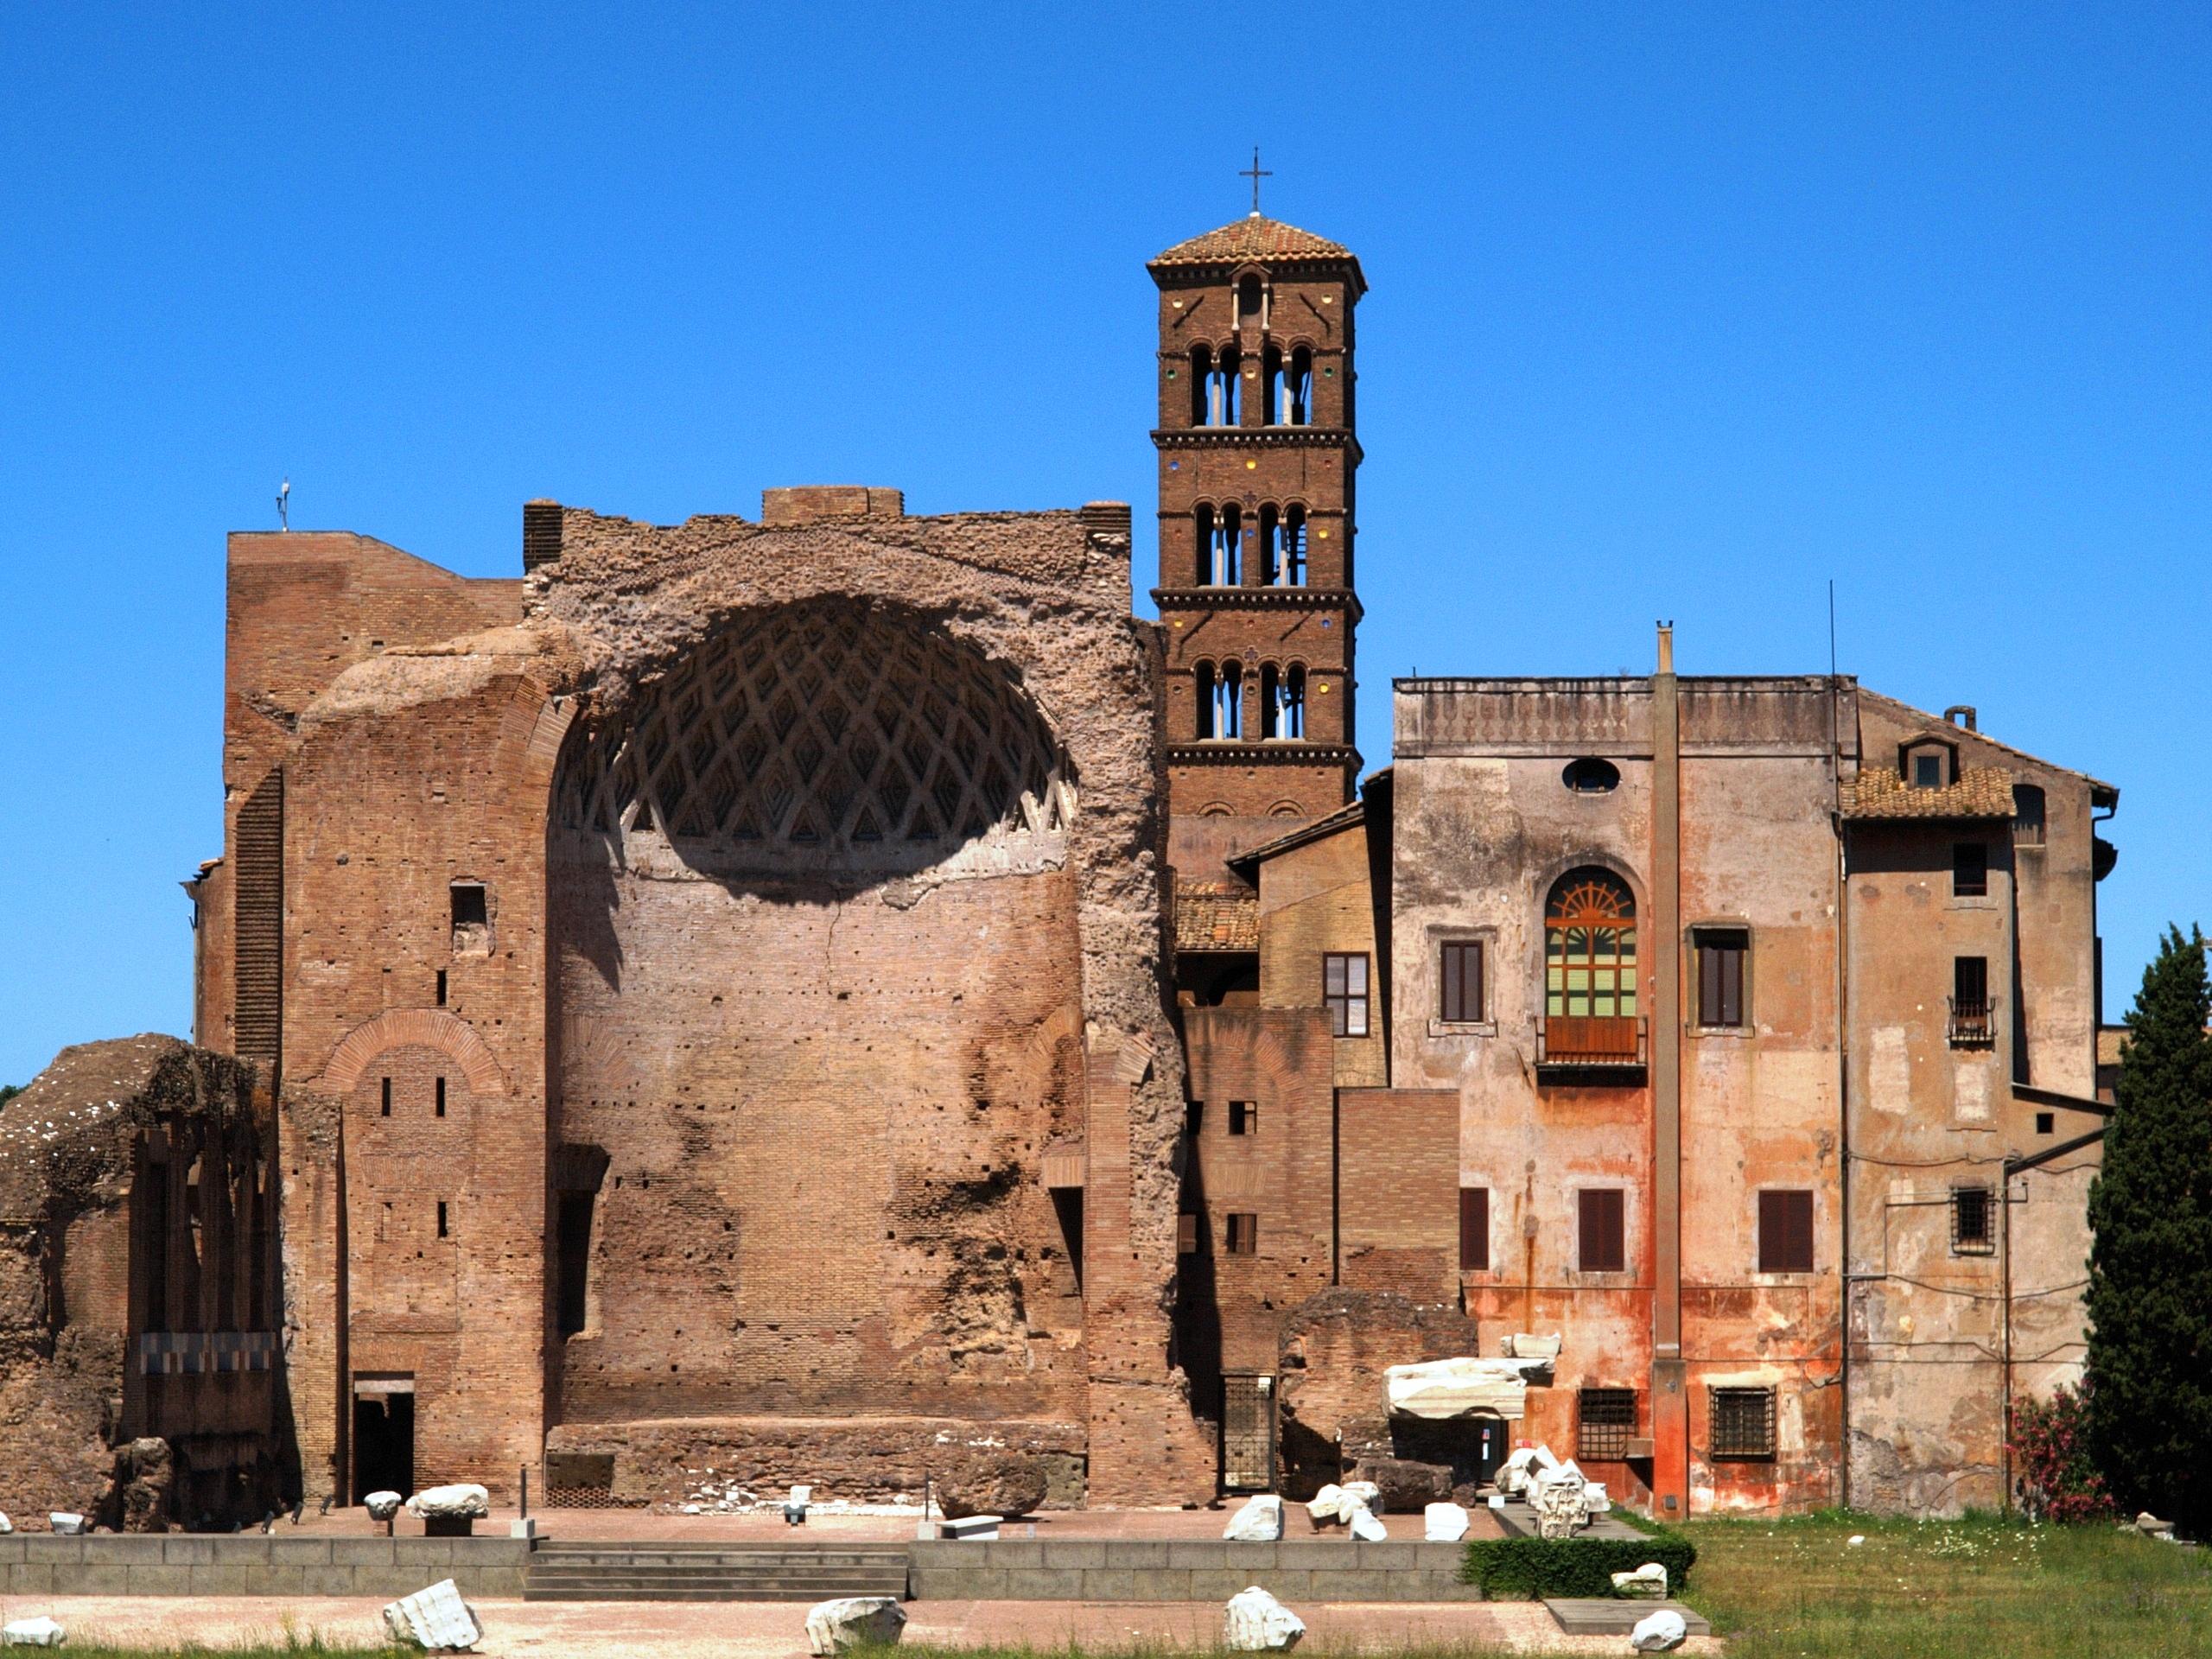 Italie Rim 04